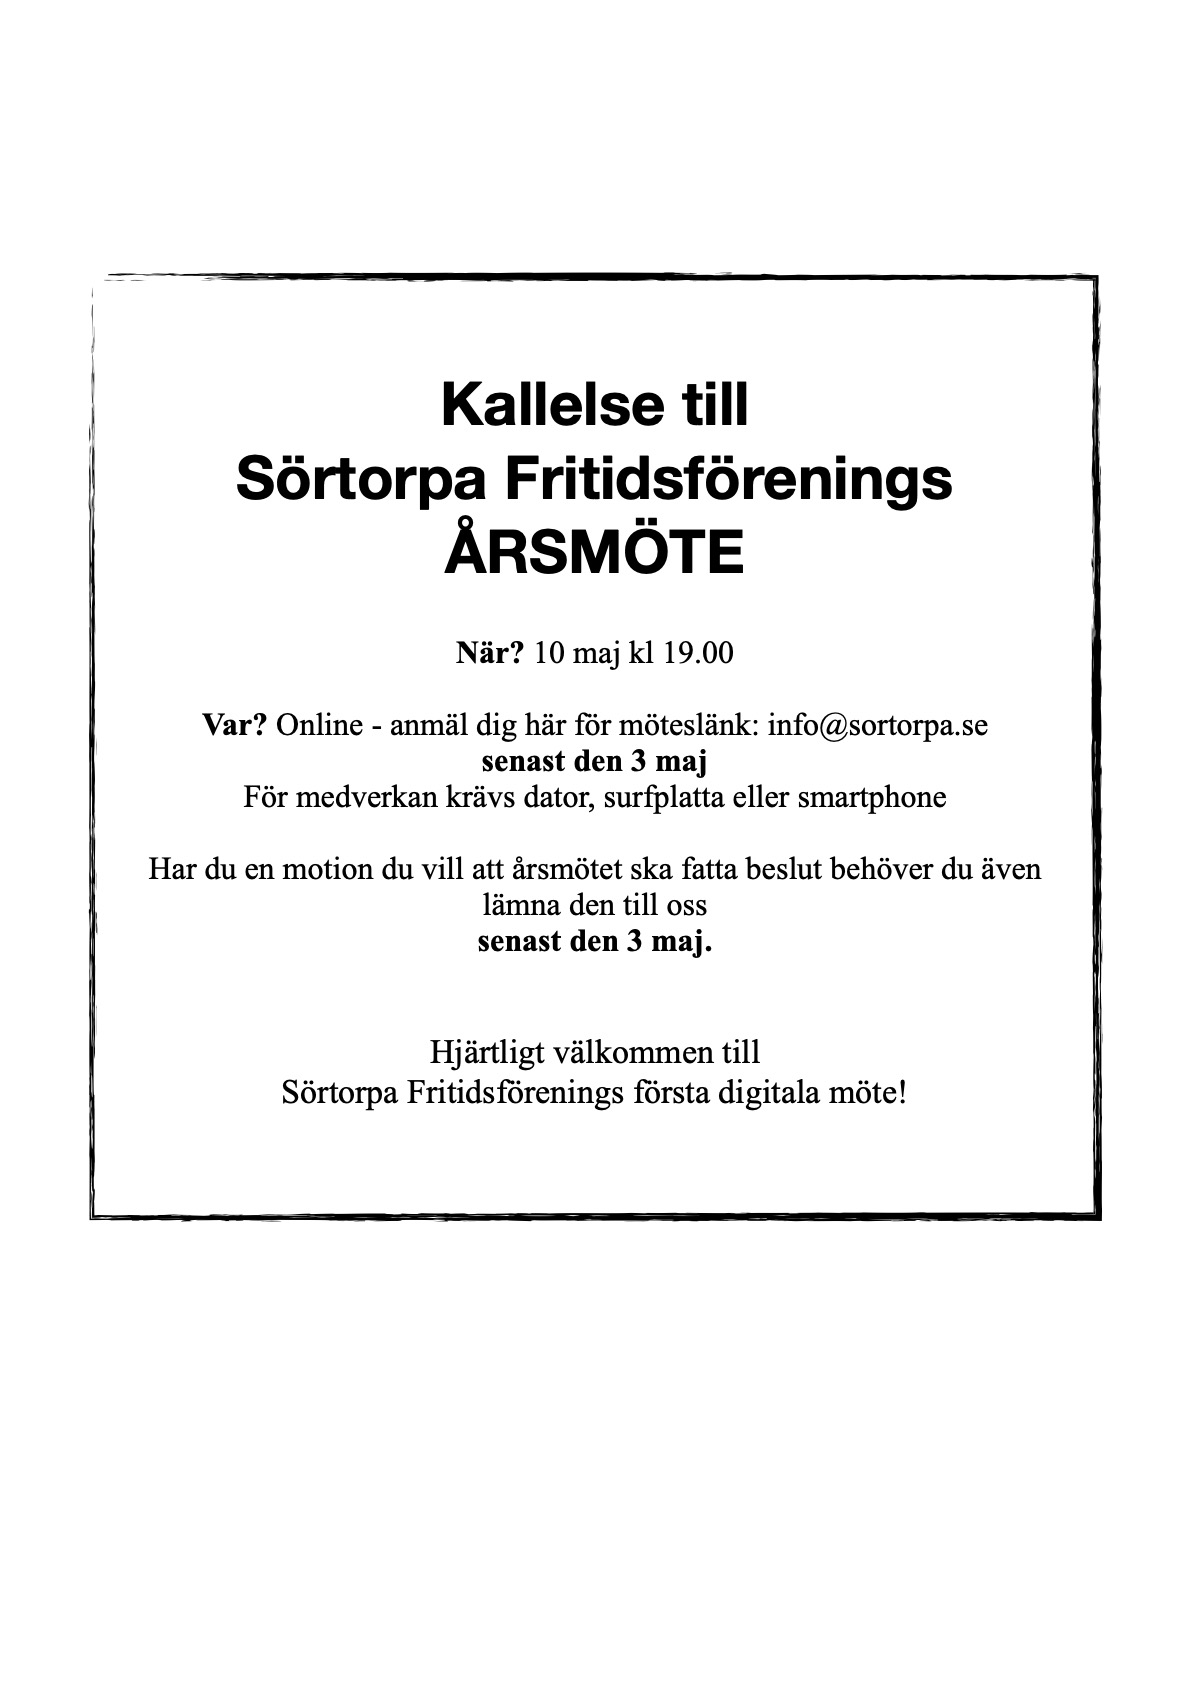 Kallelse Årsmöte Sörtorpa